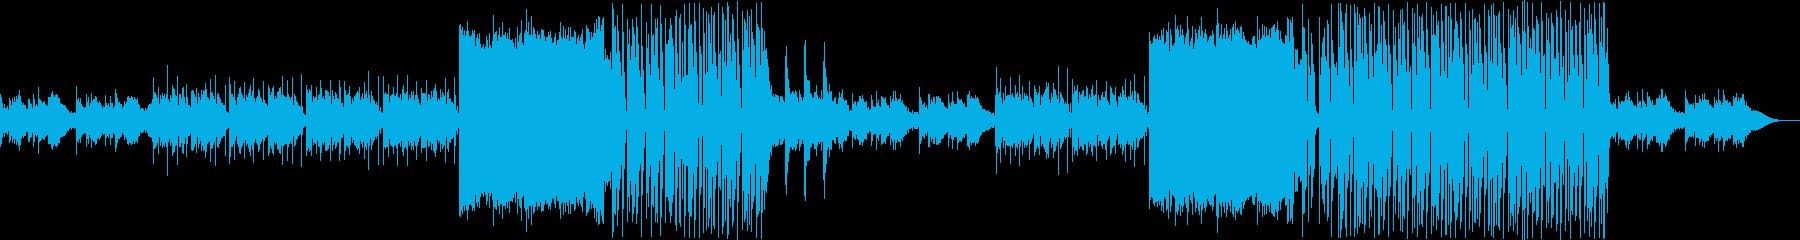 清涼感のあるポップなディープハウスBGMの再生済みの波形